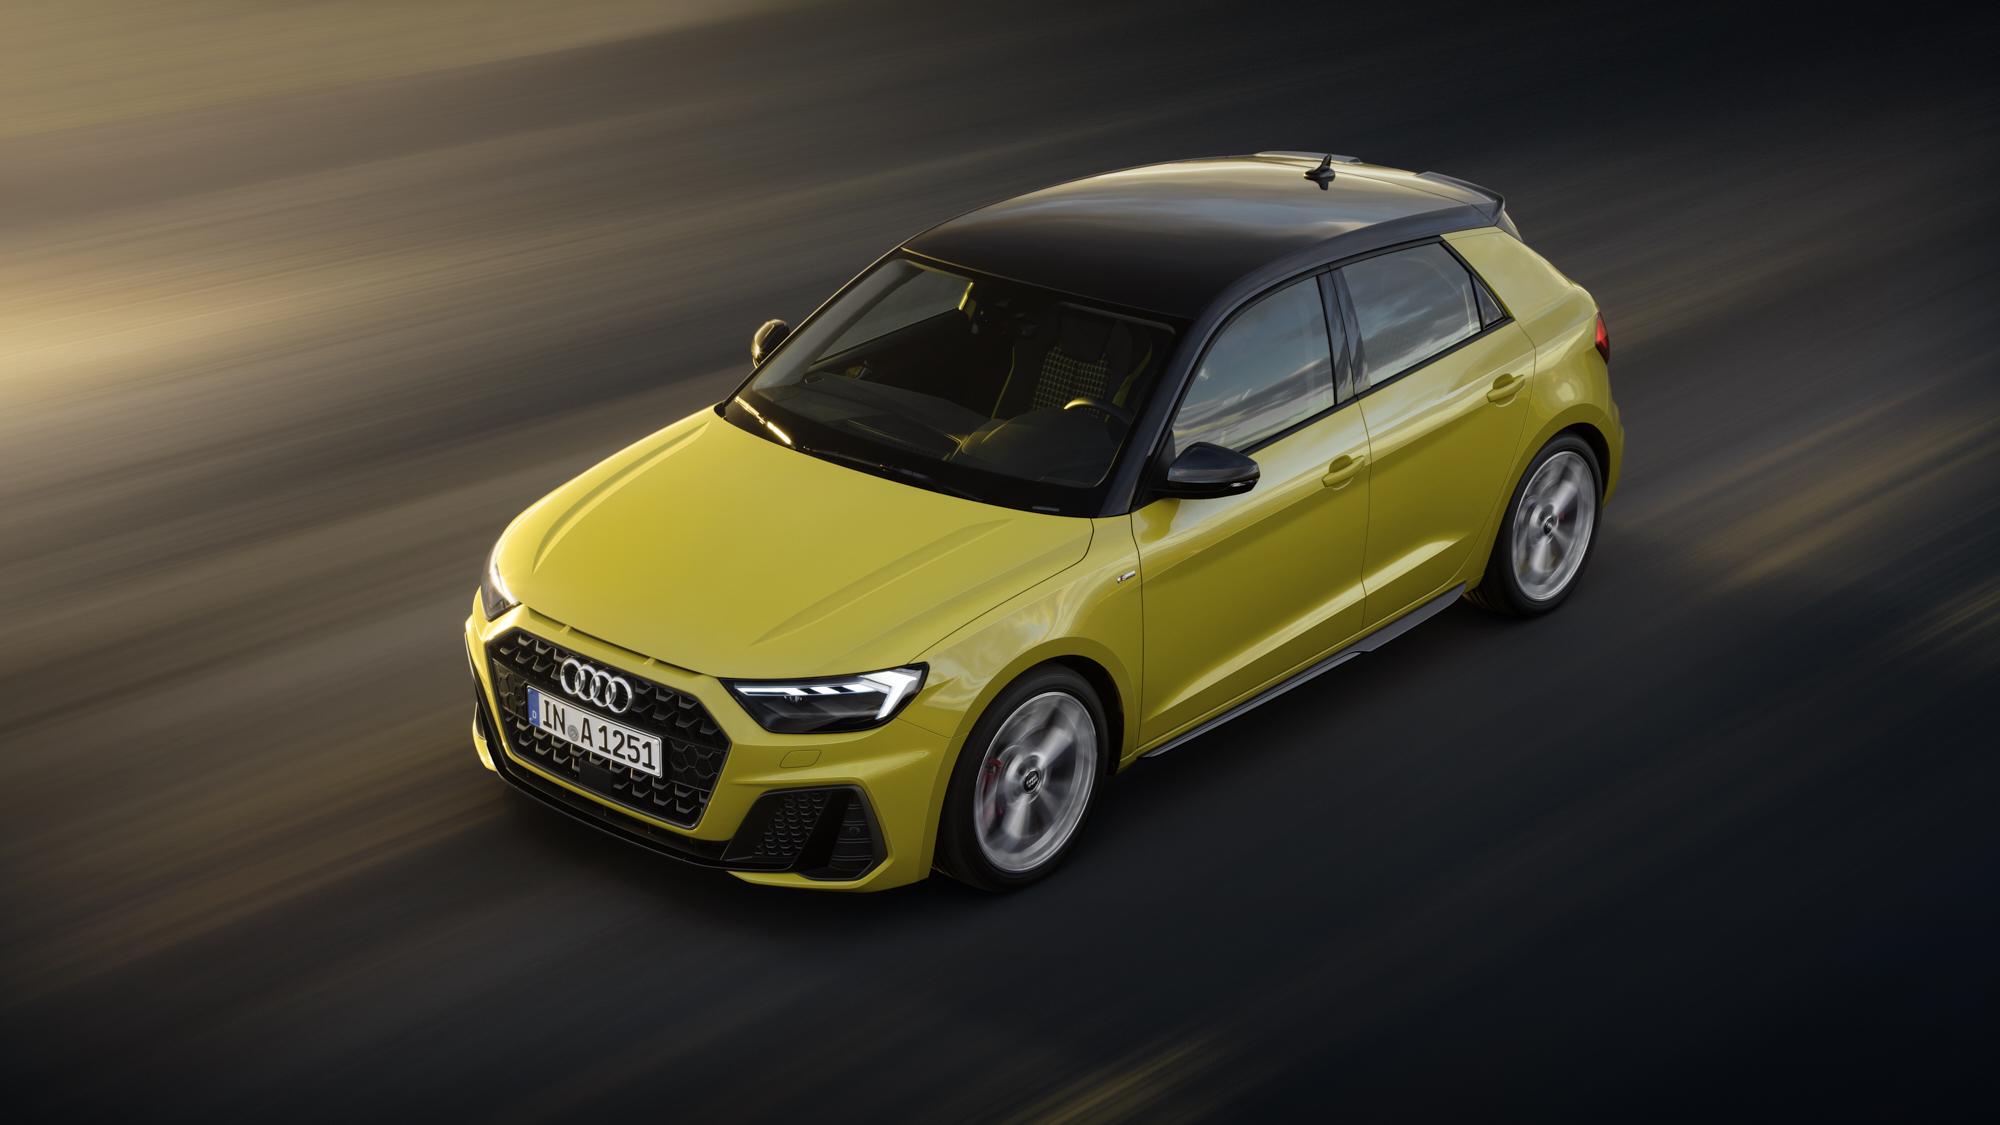 RWink_Audi_A1_Speed_004_B2200